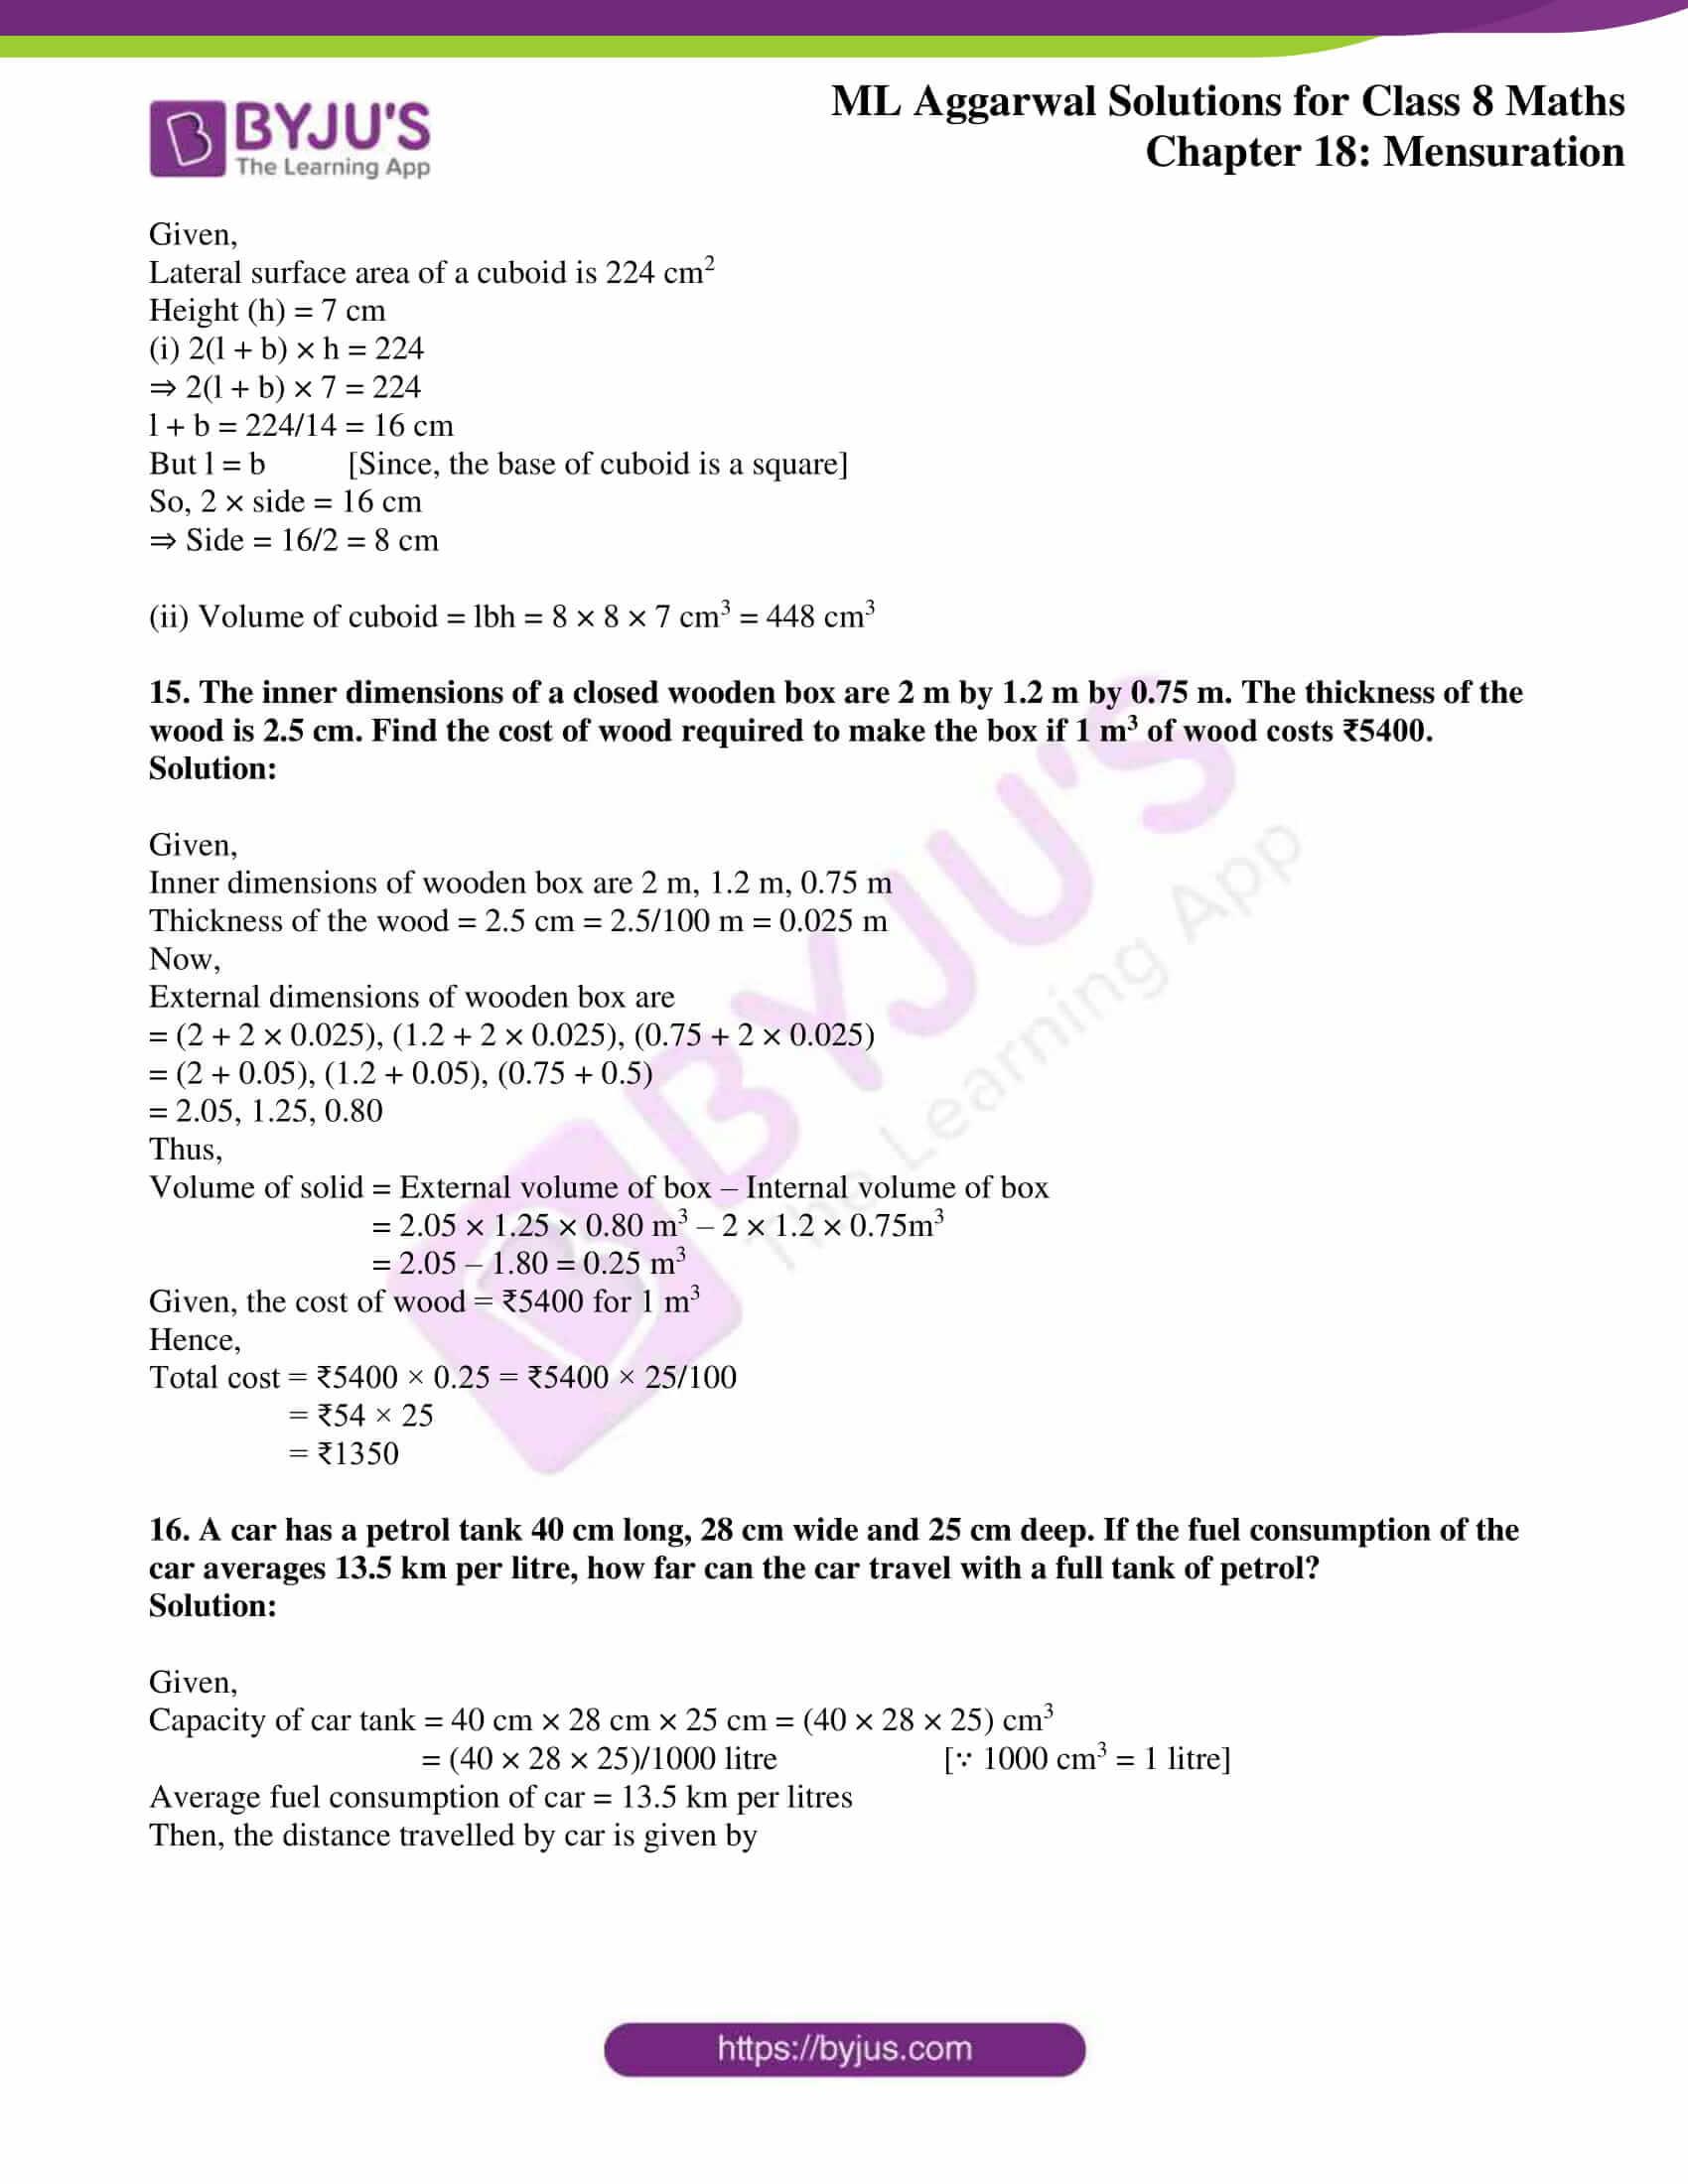 ml aggarwal sol mathematics class 8 ch 18 42